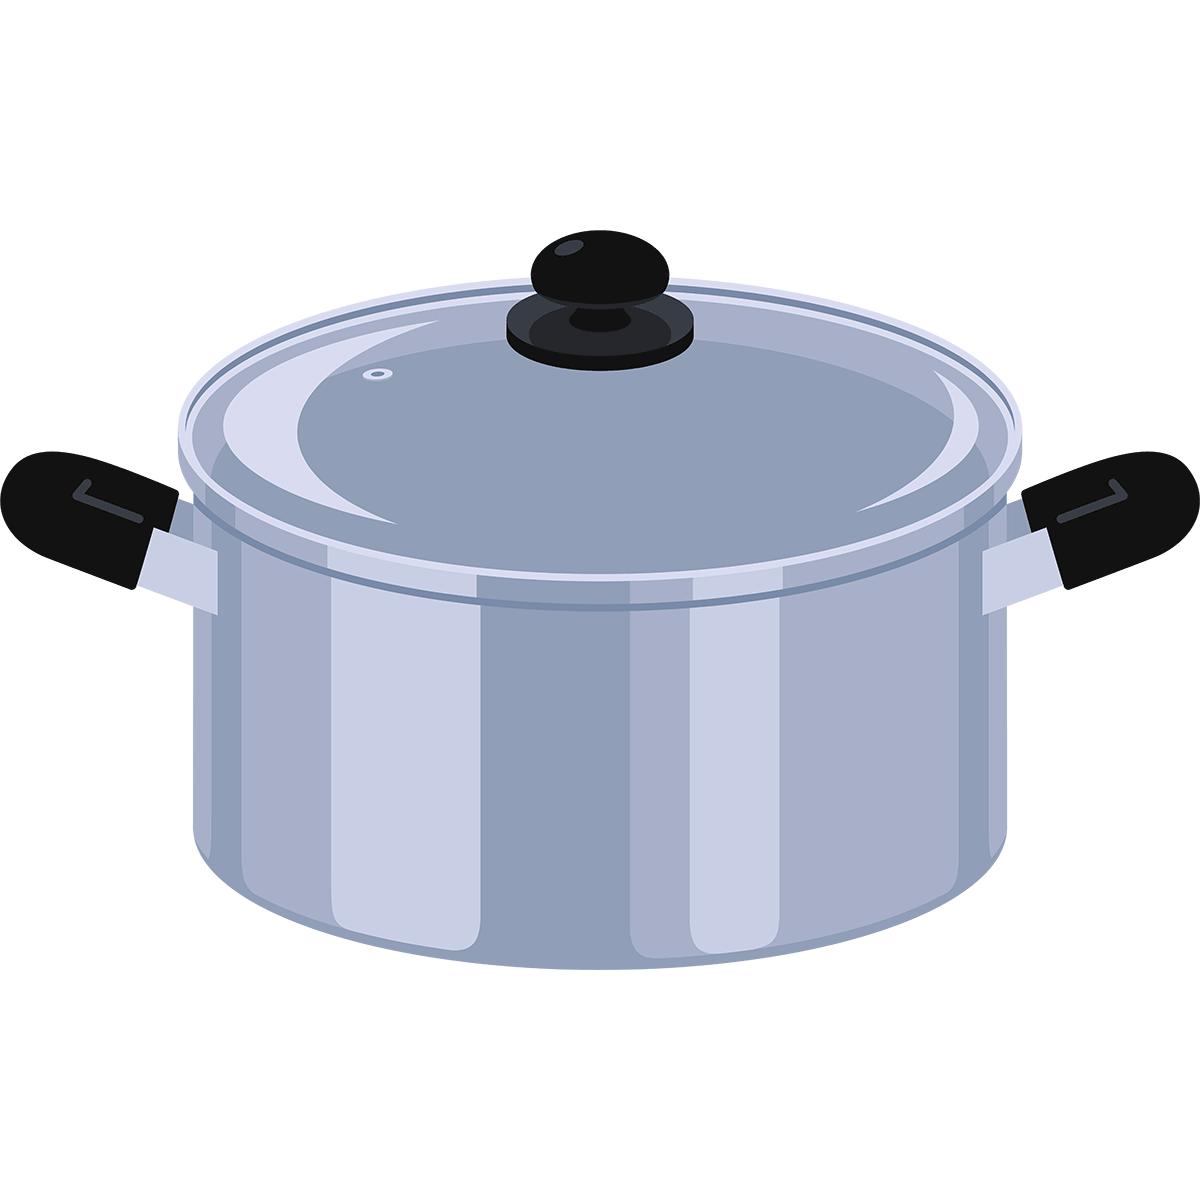 ステンレス鍋の無料イラスト